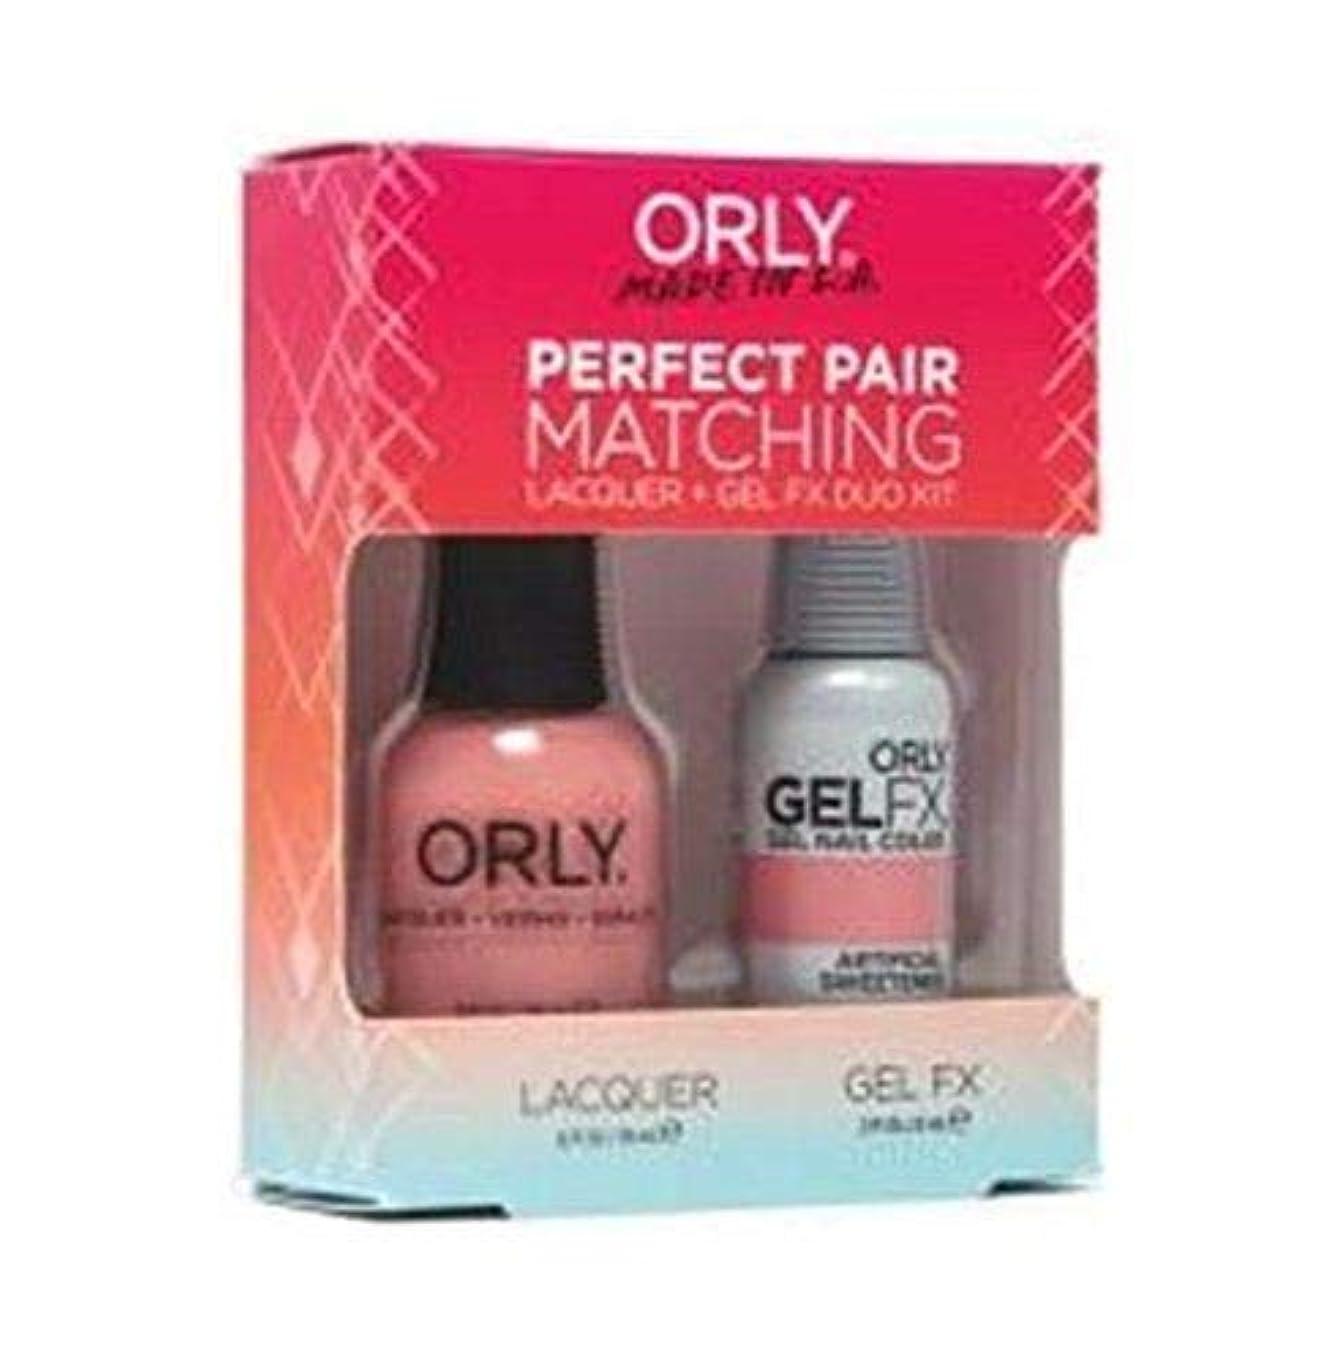 バーベキュー現像キャベツOrly - Perfect Pair Matching Lacquer+Gel FX Kit - Artificial Sweetener - 0.6 oz / 0.3 oz